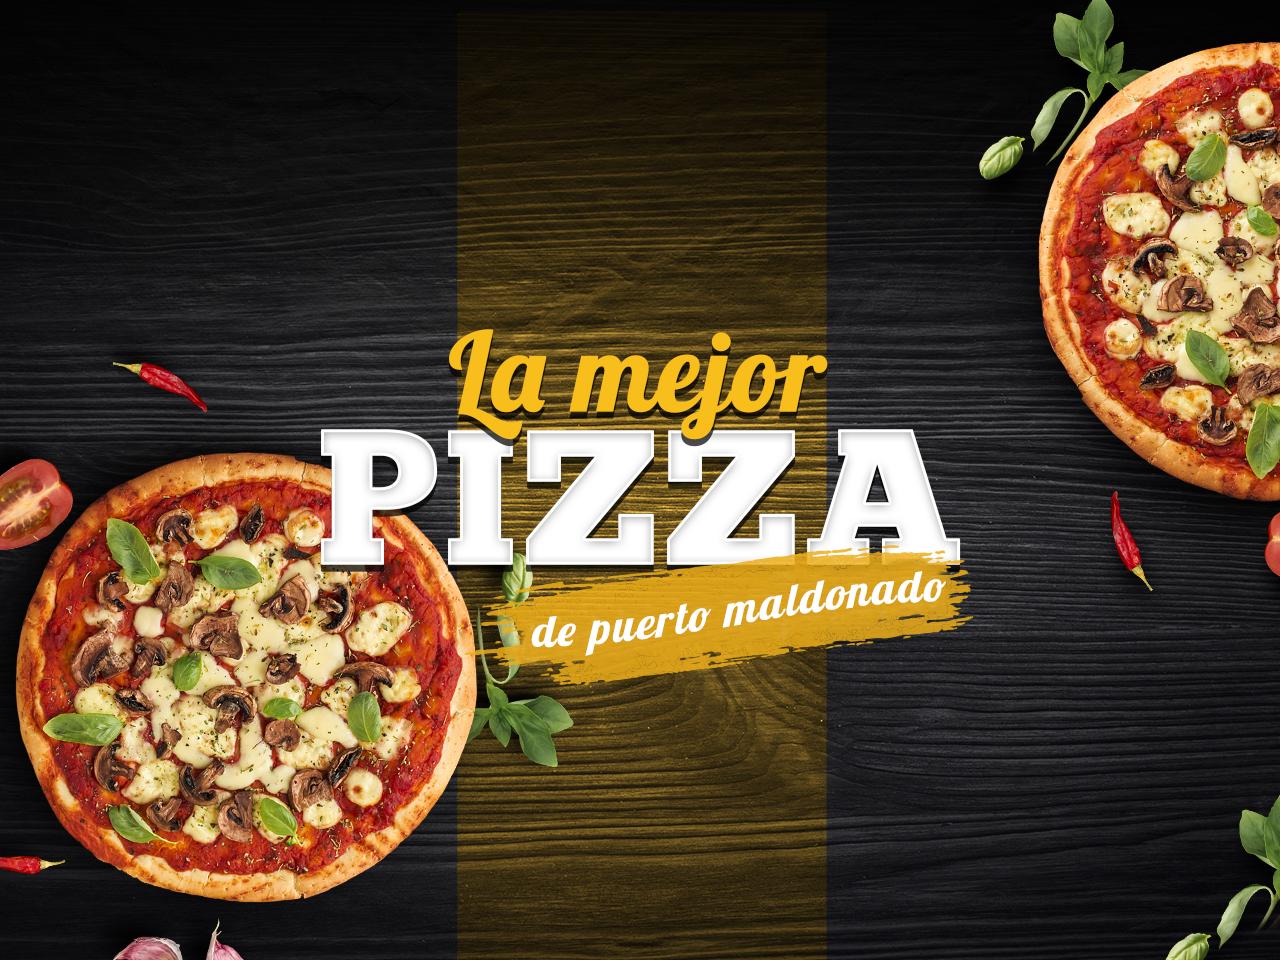 BANNER EL HORCON PIZZA (1)